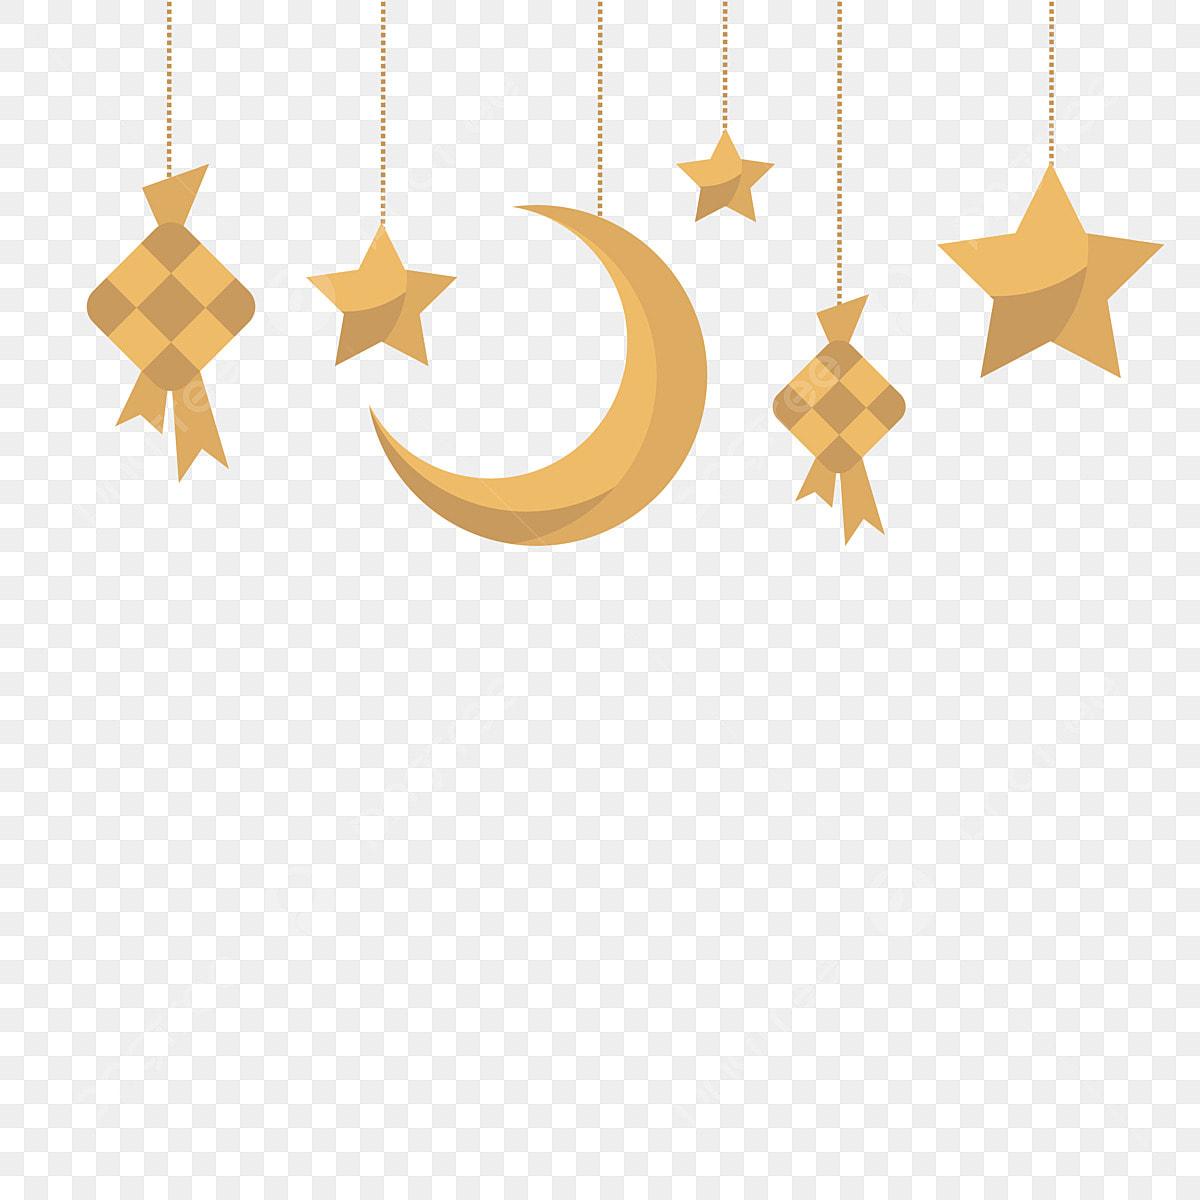 رمضان كليب الفن ناقلات النجوم والقمر رمضان كليب ارت القمر Png والمتجهات للتحميل مجانا